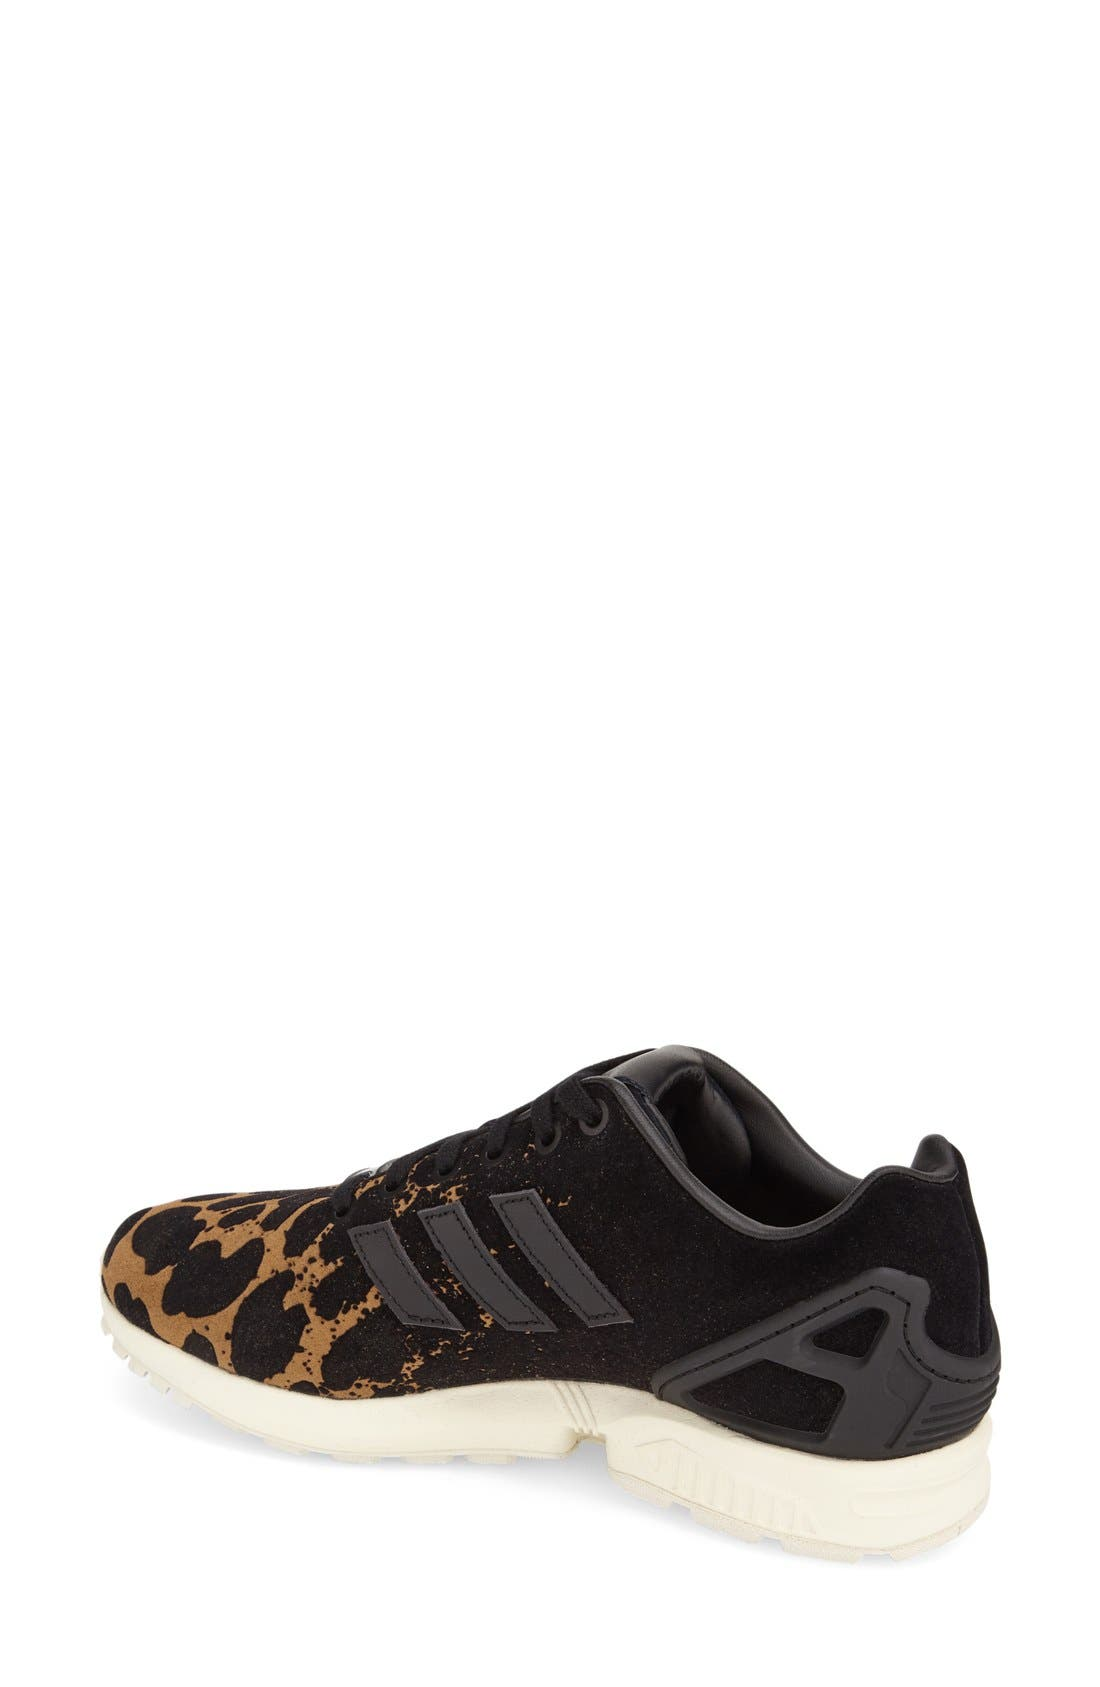 Alternate Image 2  - adidas 'ZX Flux' Sneaker (Women)